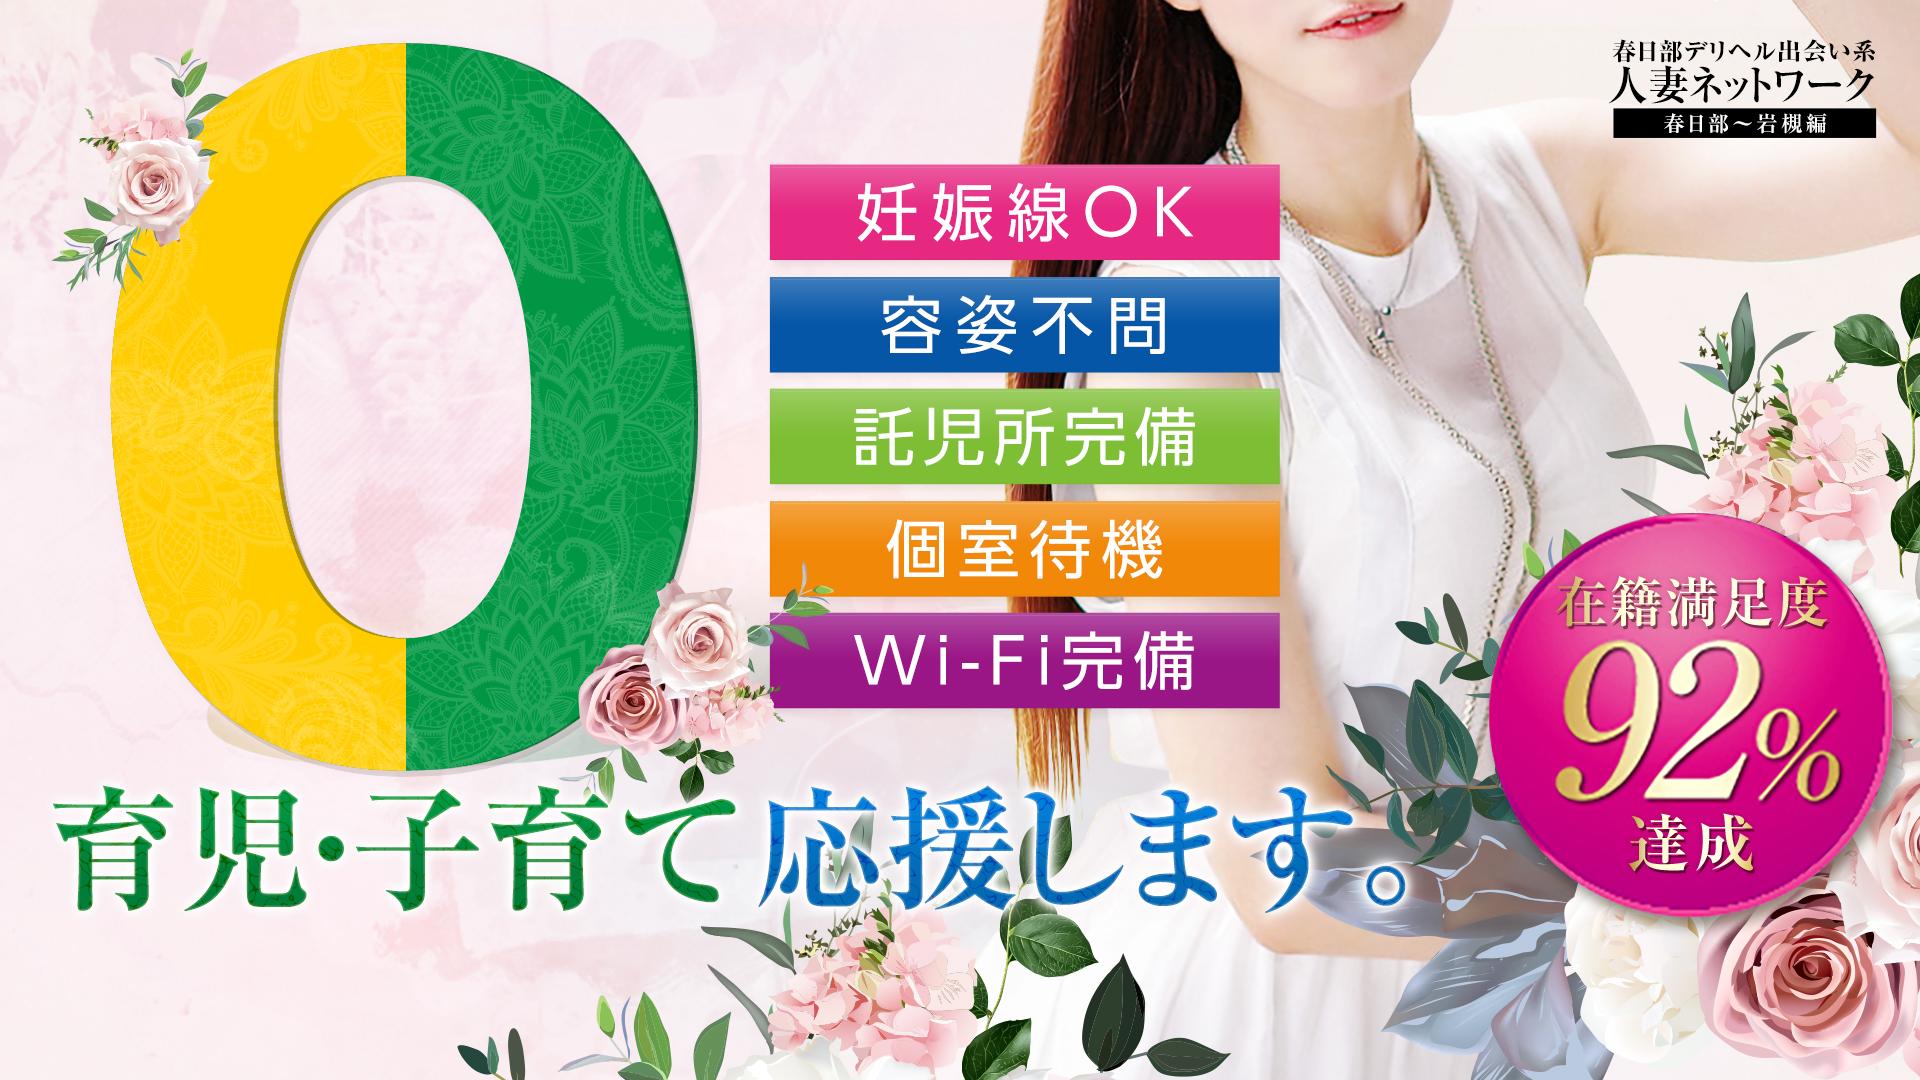 人妻ネットワーク 春日部~岩槻編の求人画像